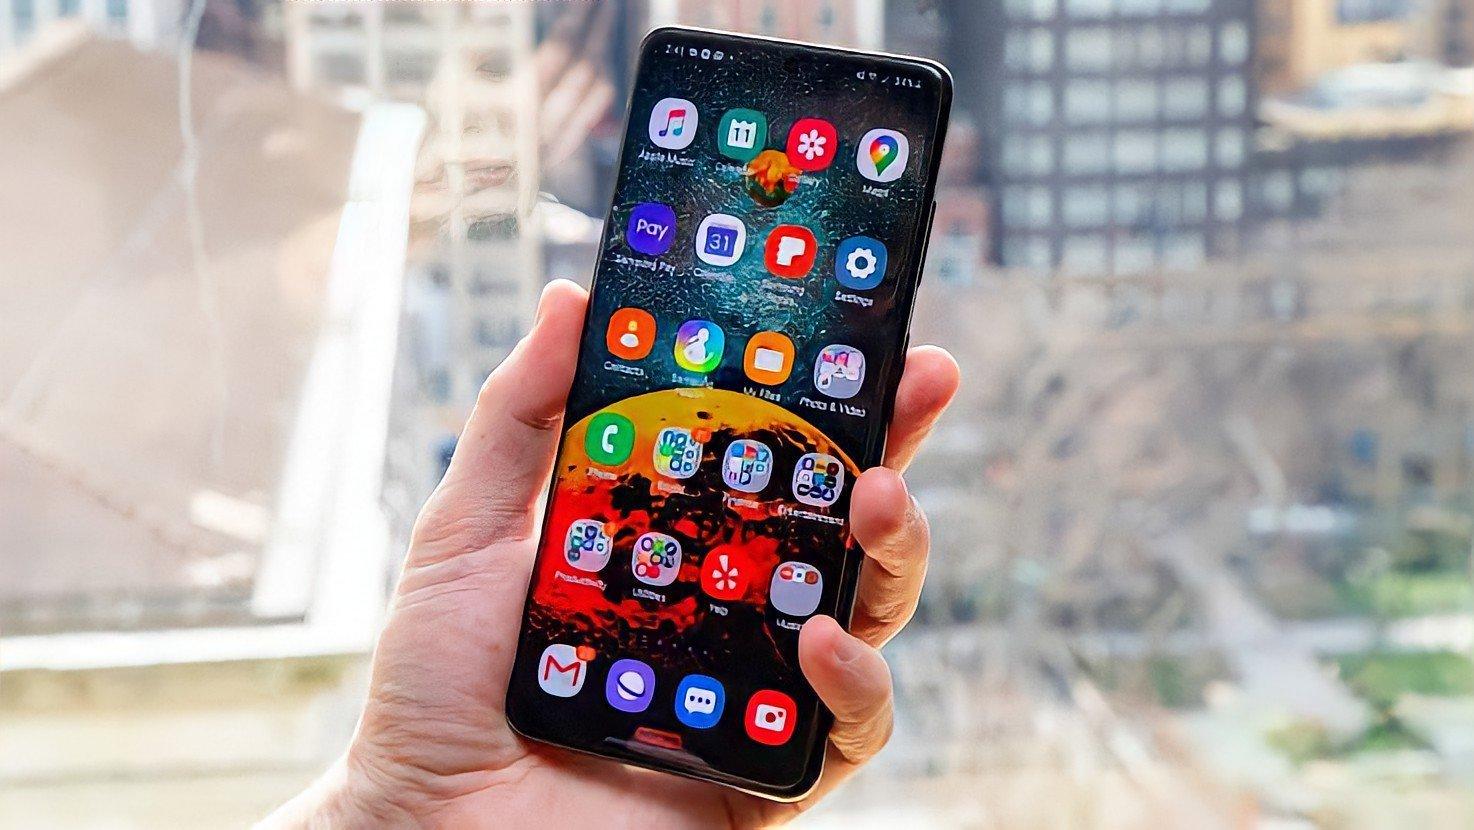 Dicas e truques que melhoram qualquer smartphone android